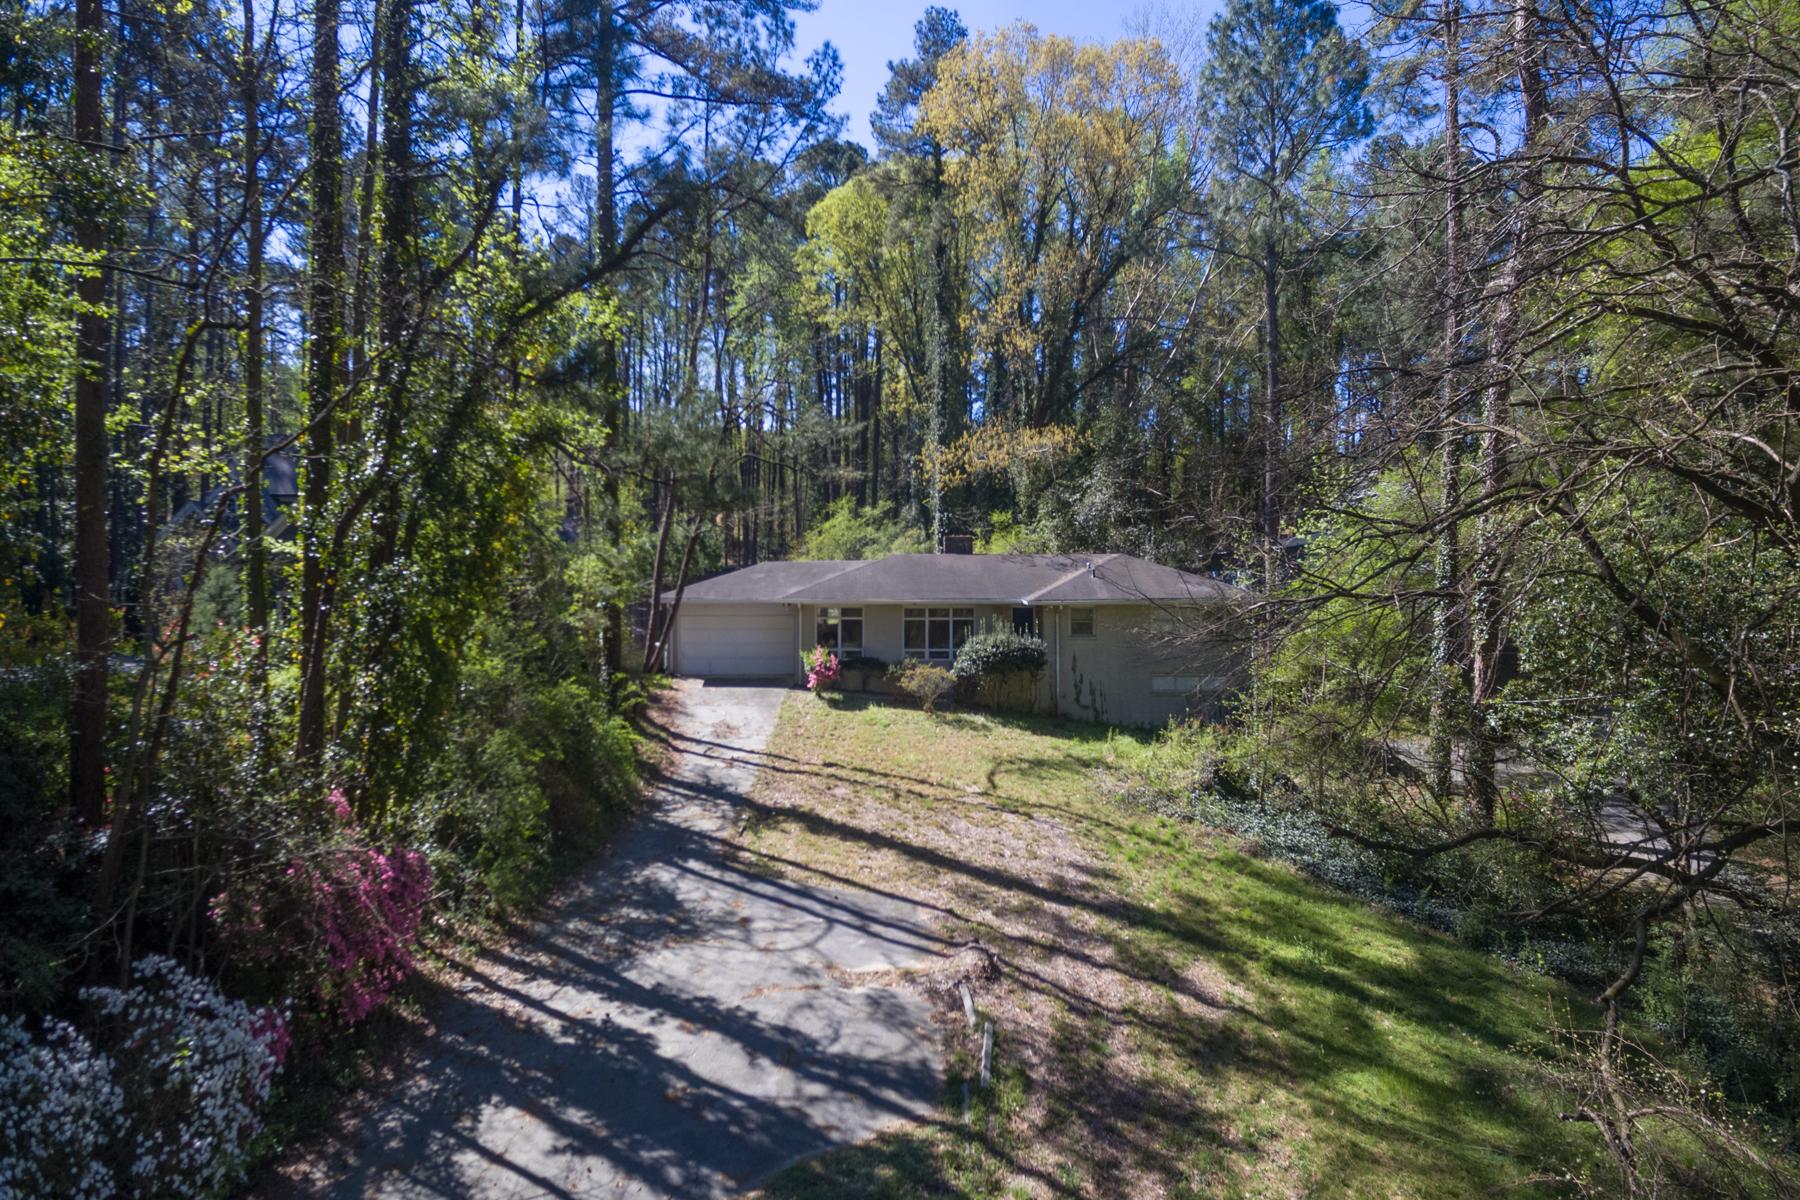 토지 용 매매 에 Amazing Opportunity In Heart Of Buckhead for 1.52 Acres 1085 Ferncliff Road NE Pine Hills, Atlanta, 조지아, 30324 미국